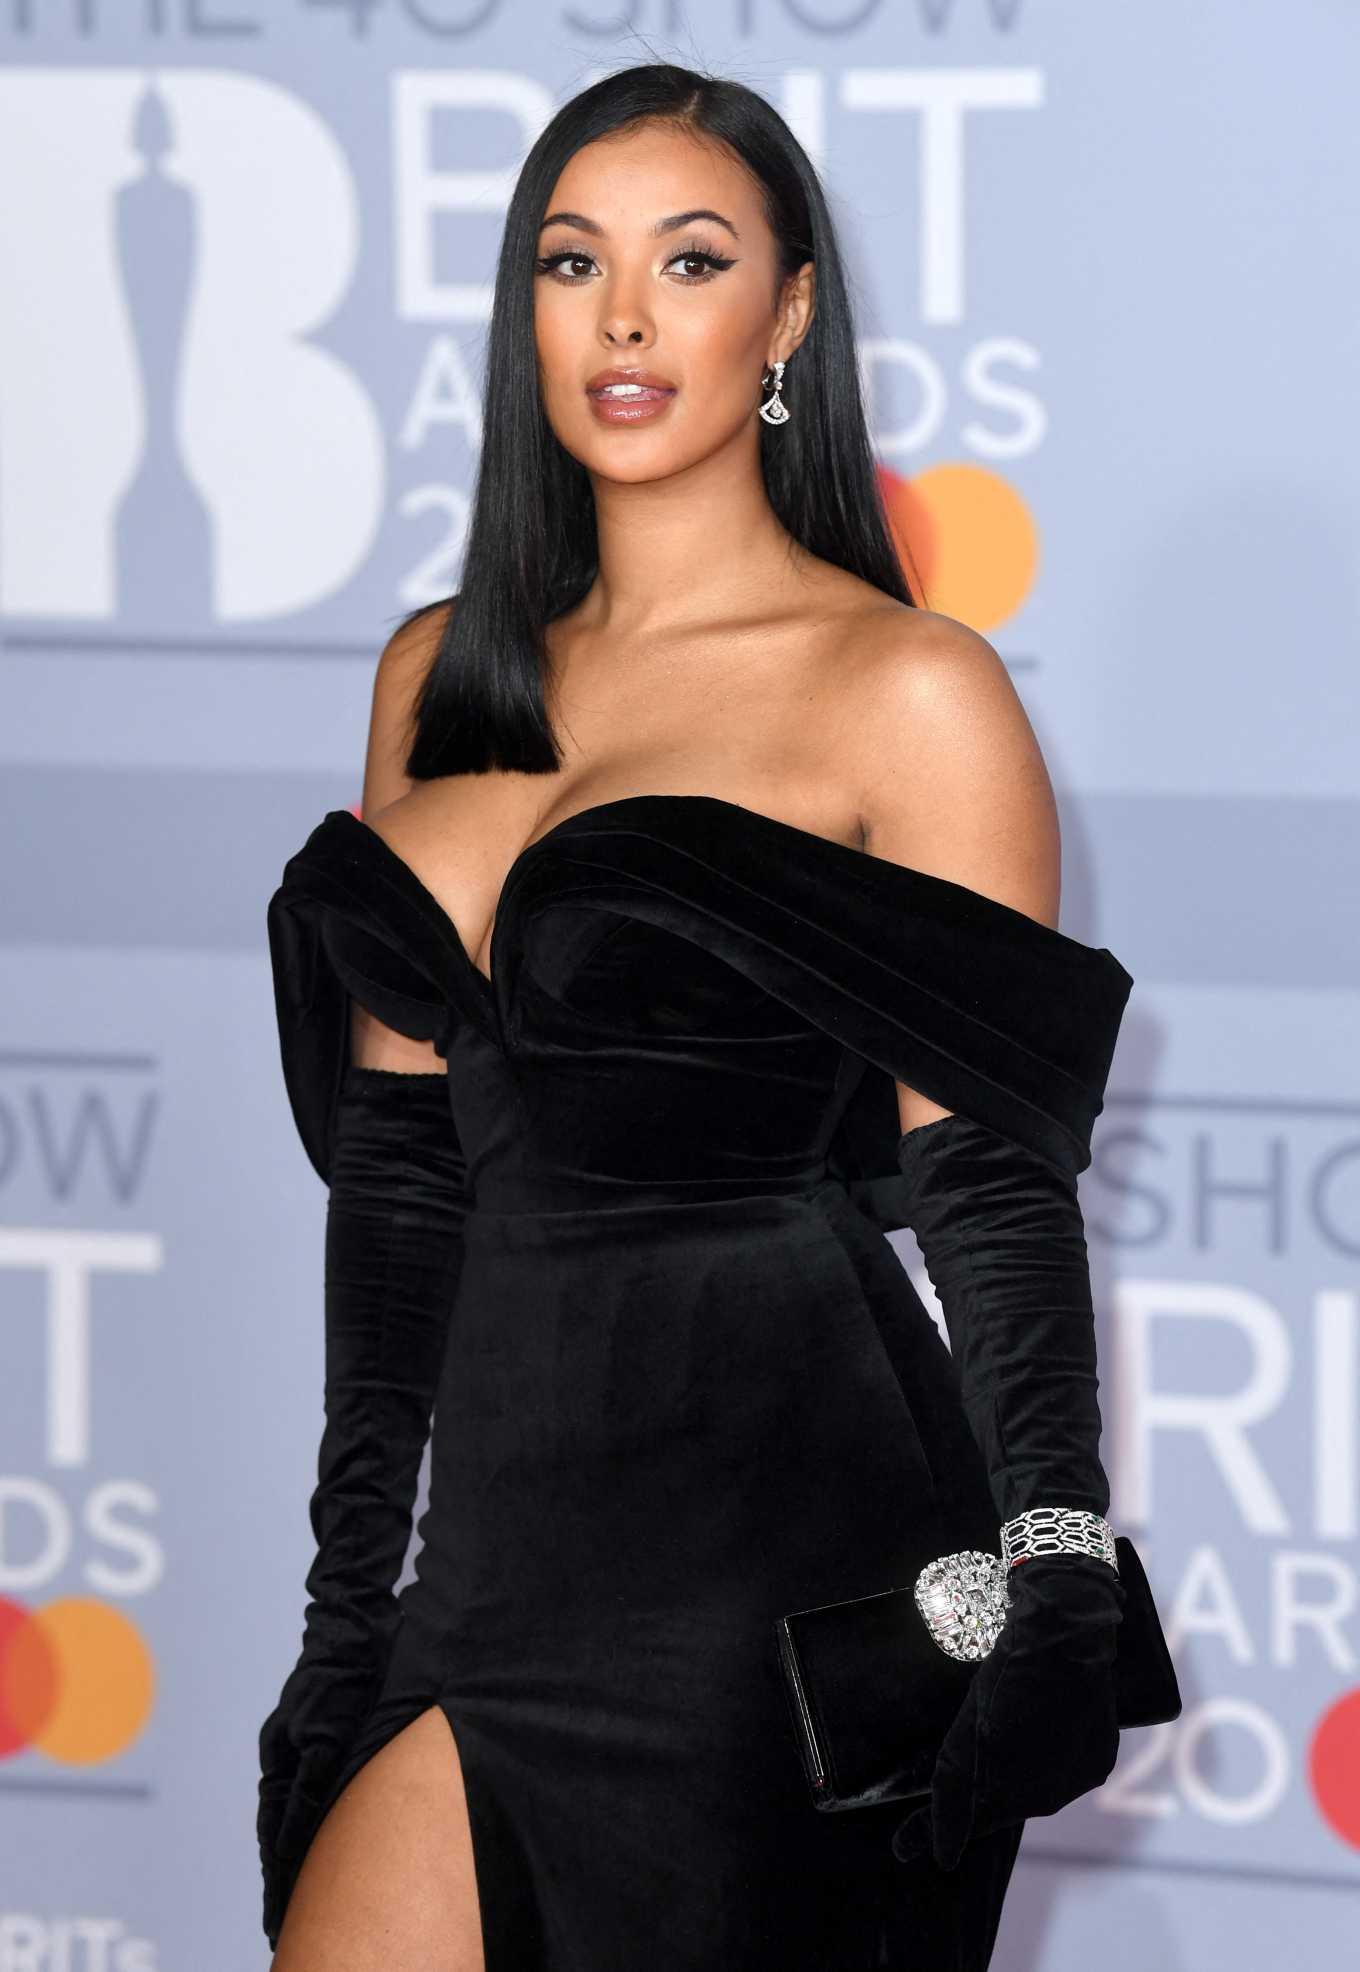 Maya Jama 2020 : Maya Jama – The BRIT Awards 2020 in London-26